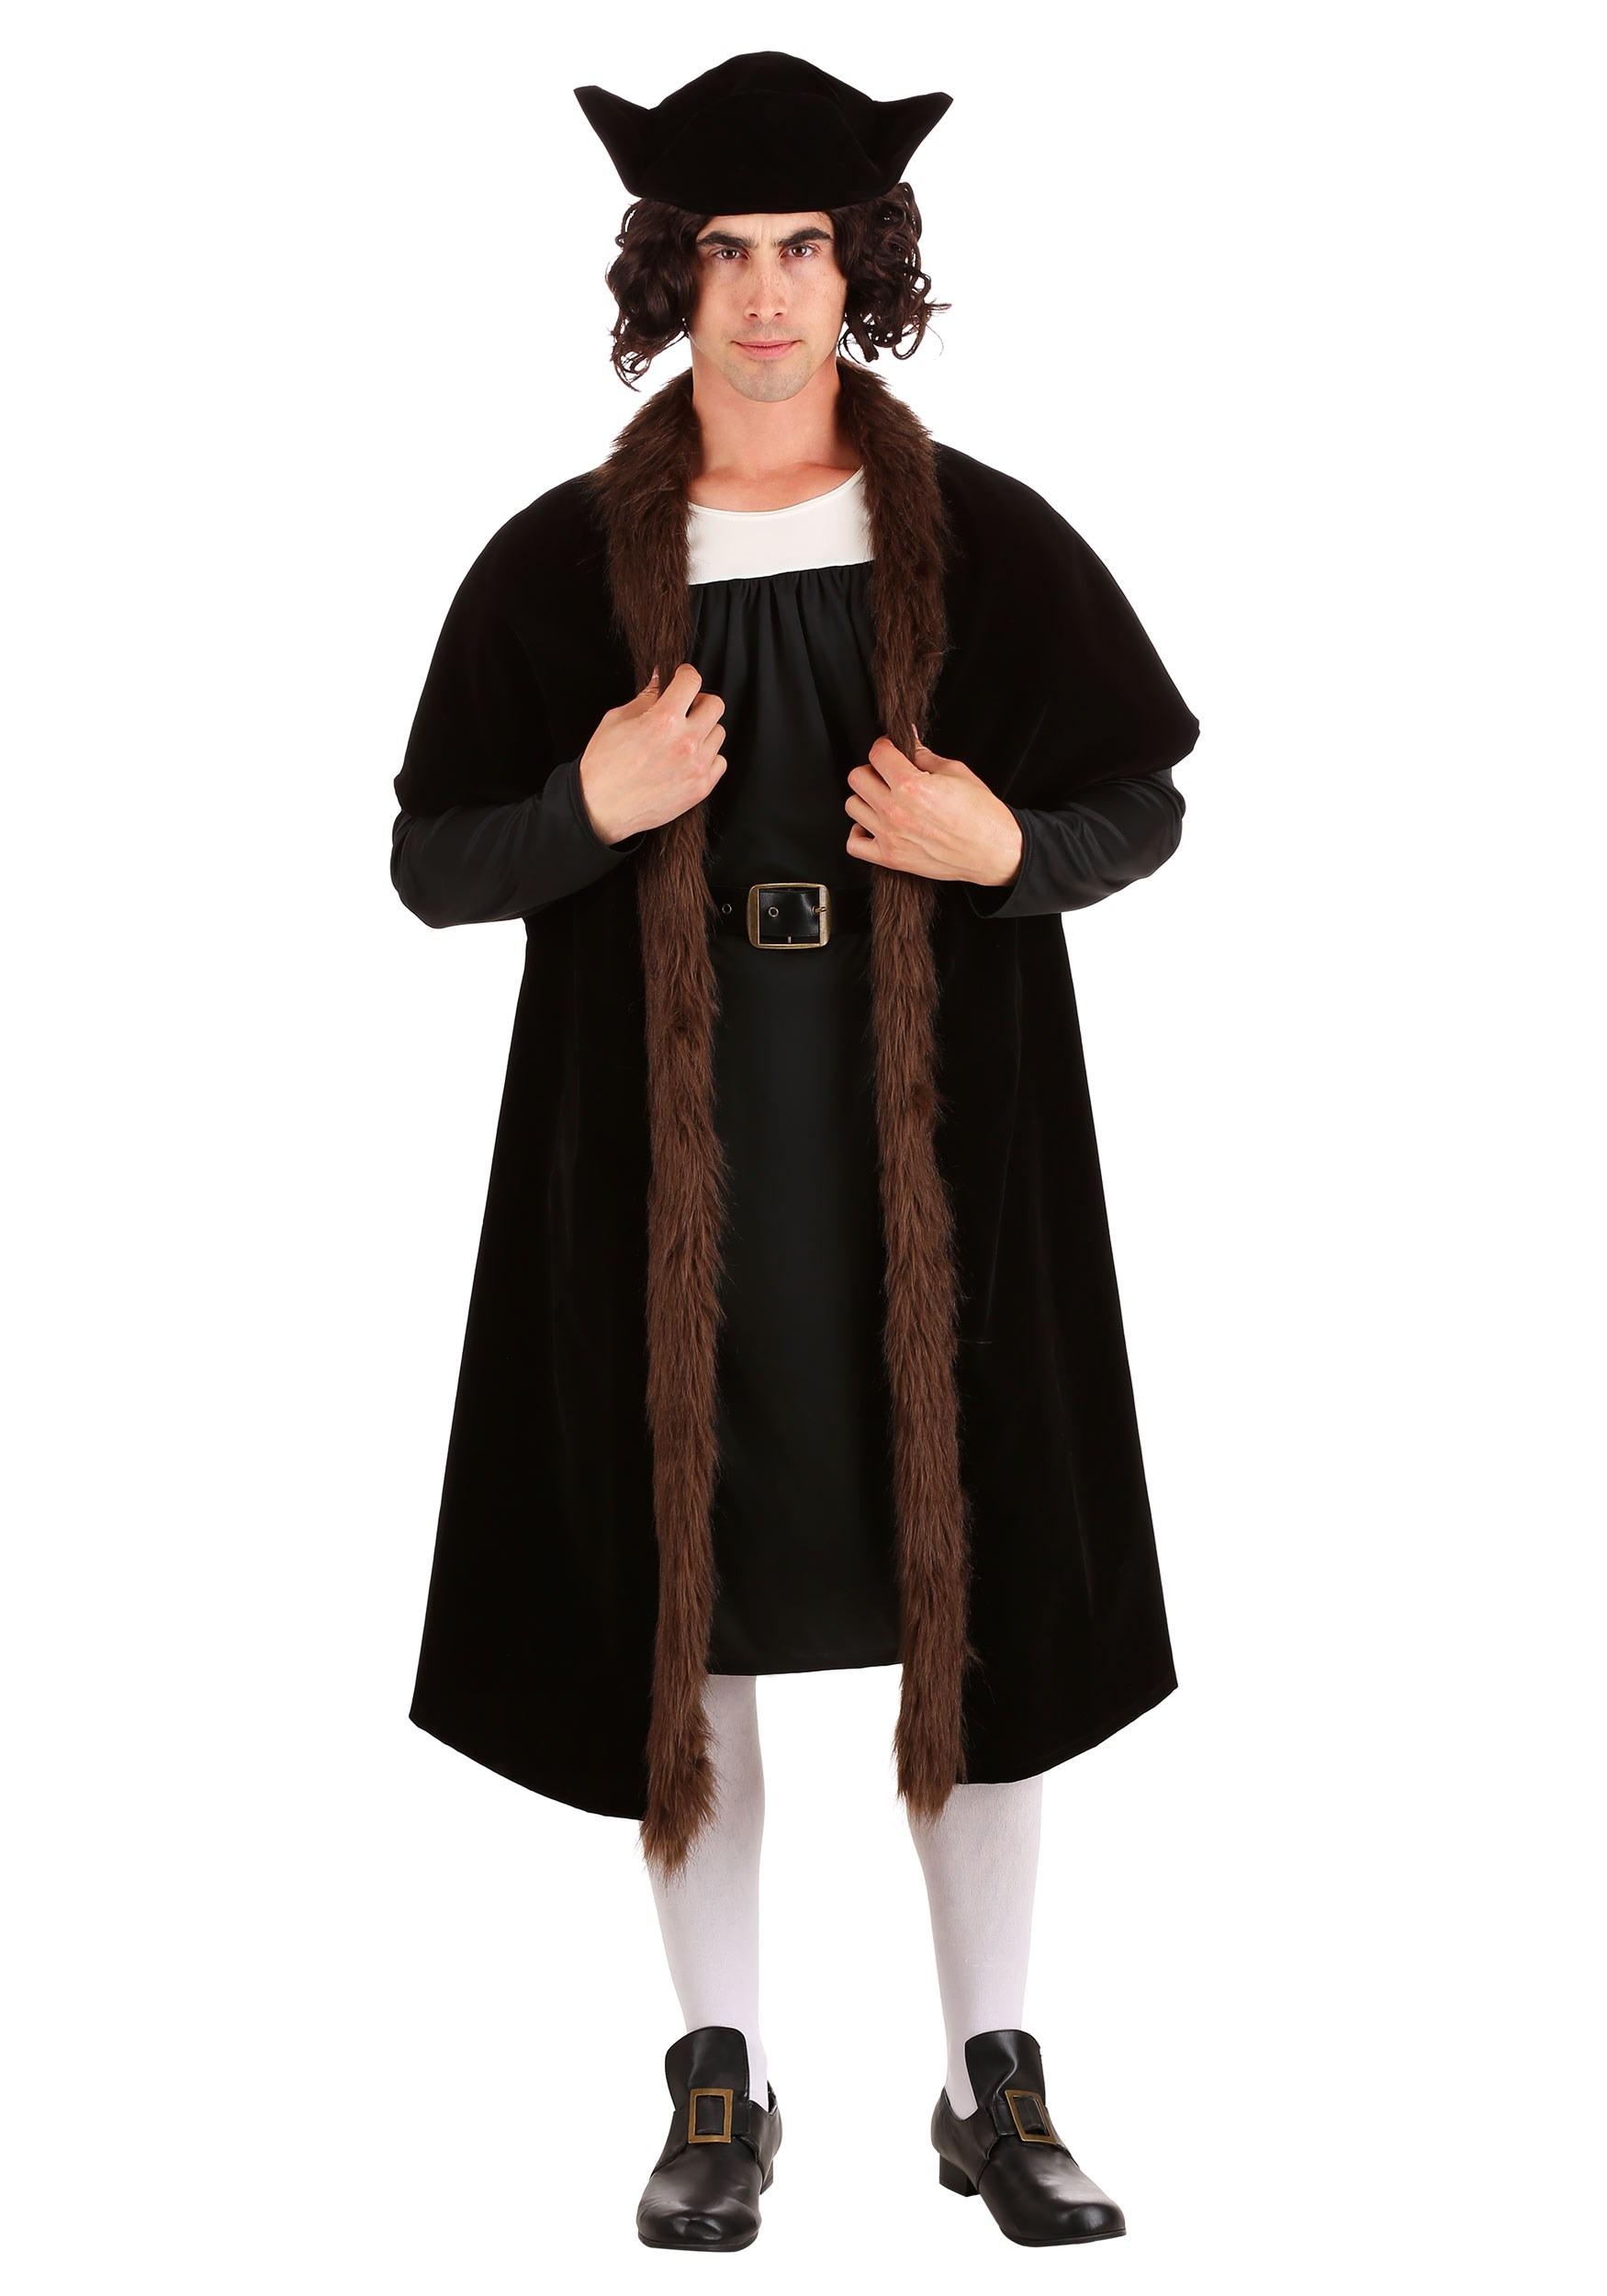 Christopher Columbus Costume for Men